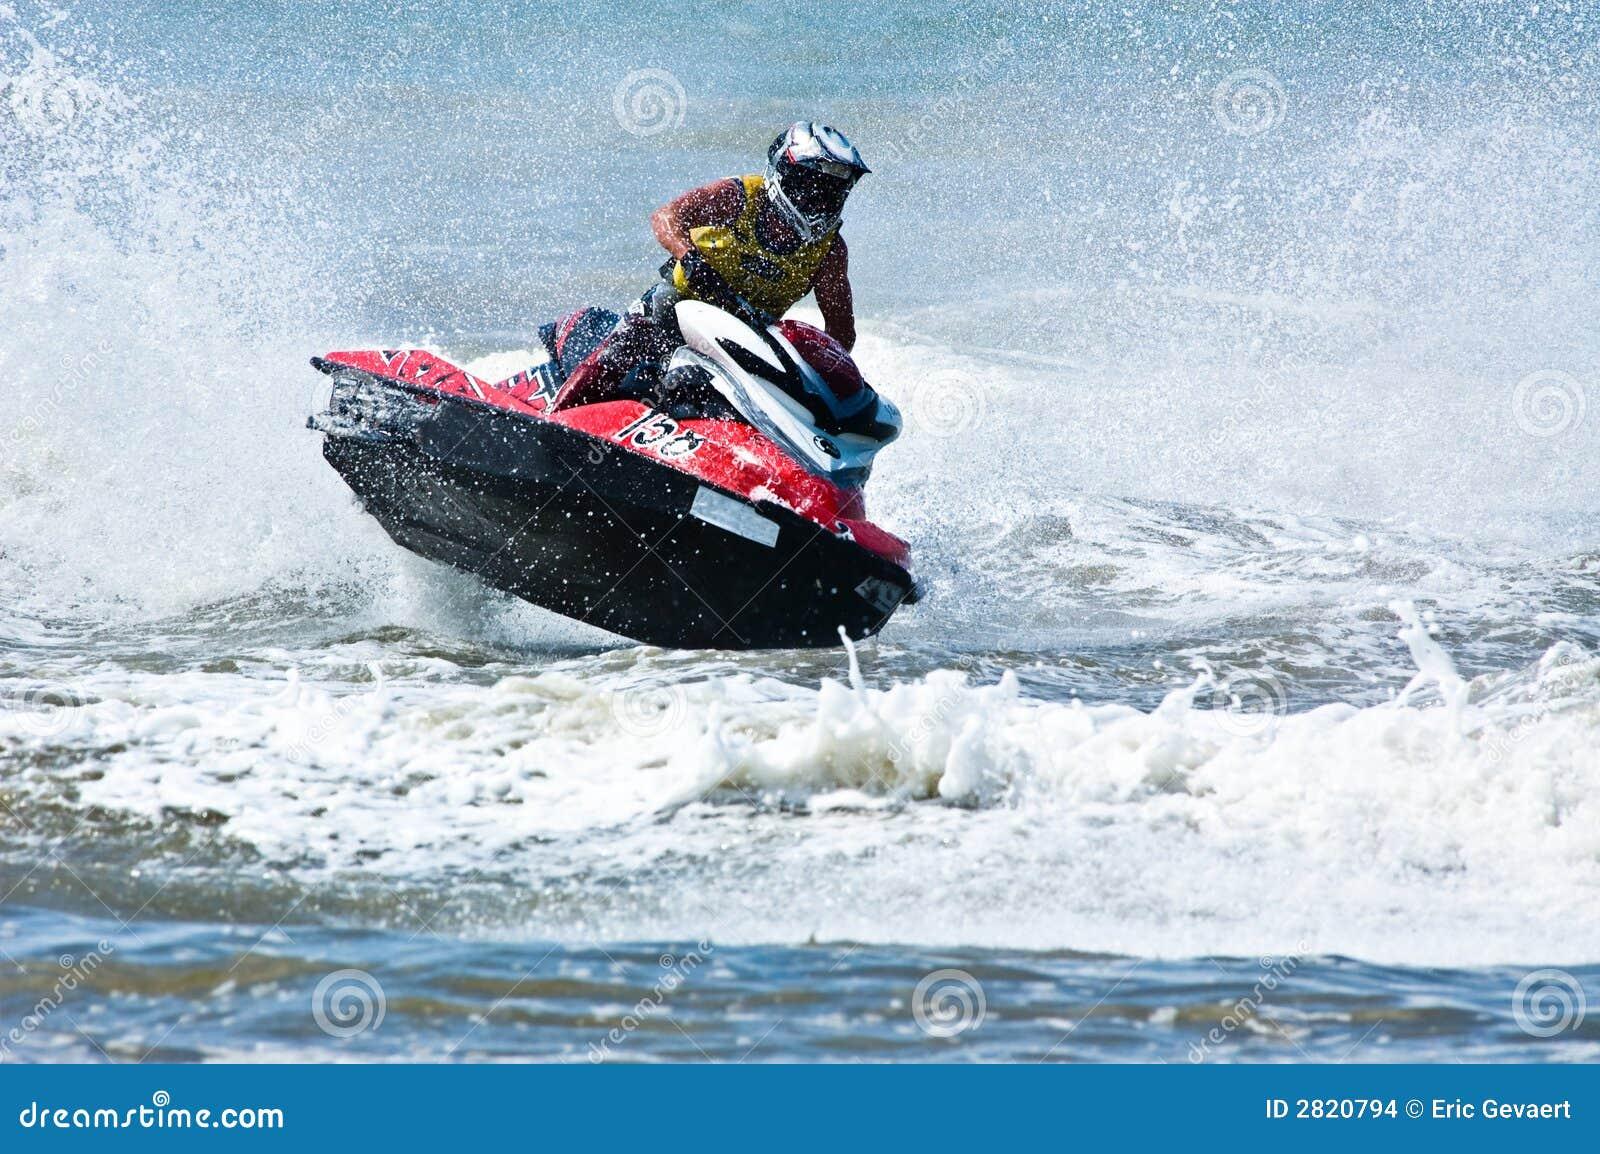 Extreme Jet Ski Watersports Stock Photo Image 2820794